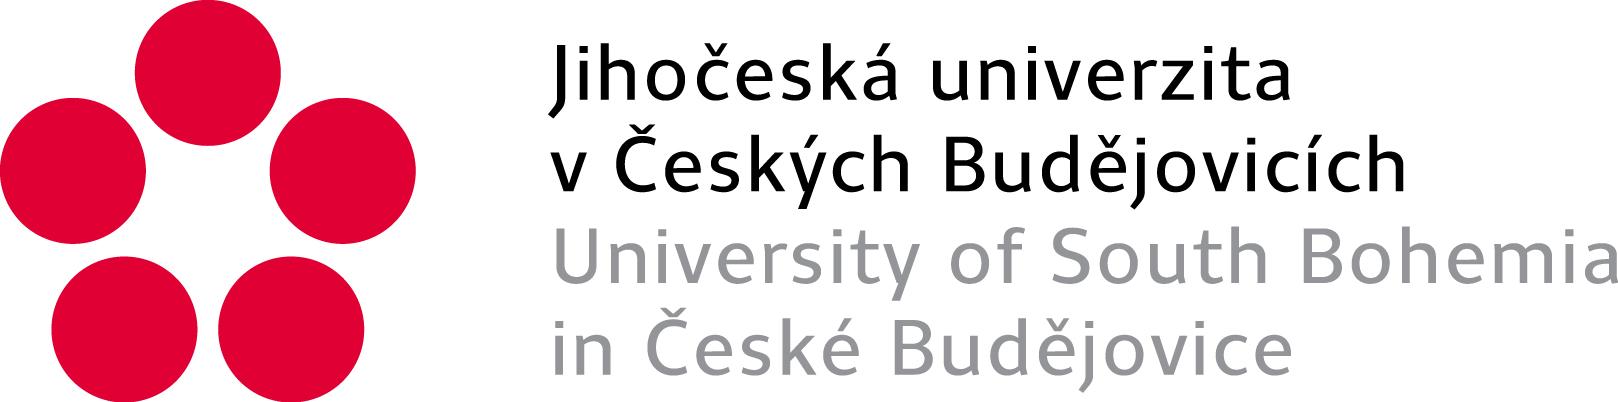 Jihočeská univerzita v Českých Budějovicích Specializace ve zdravotnictví